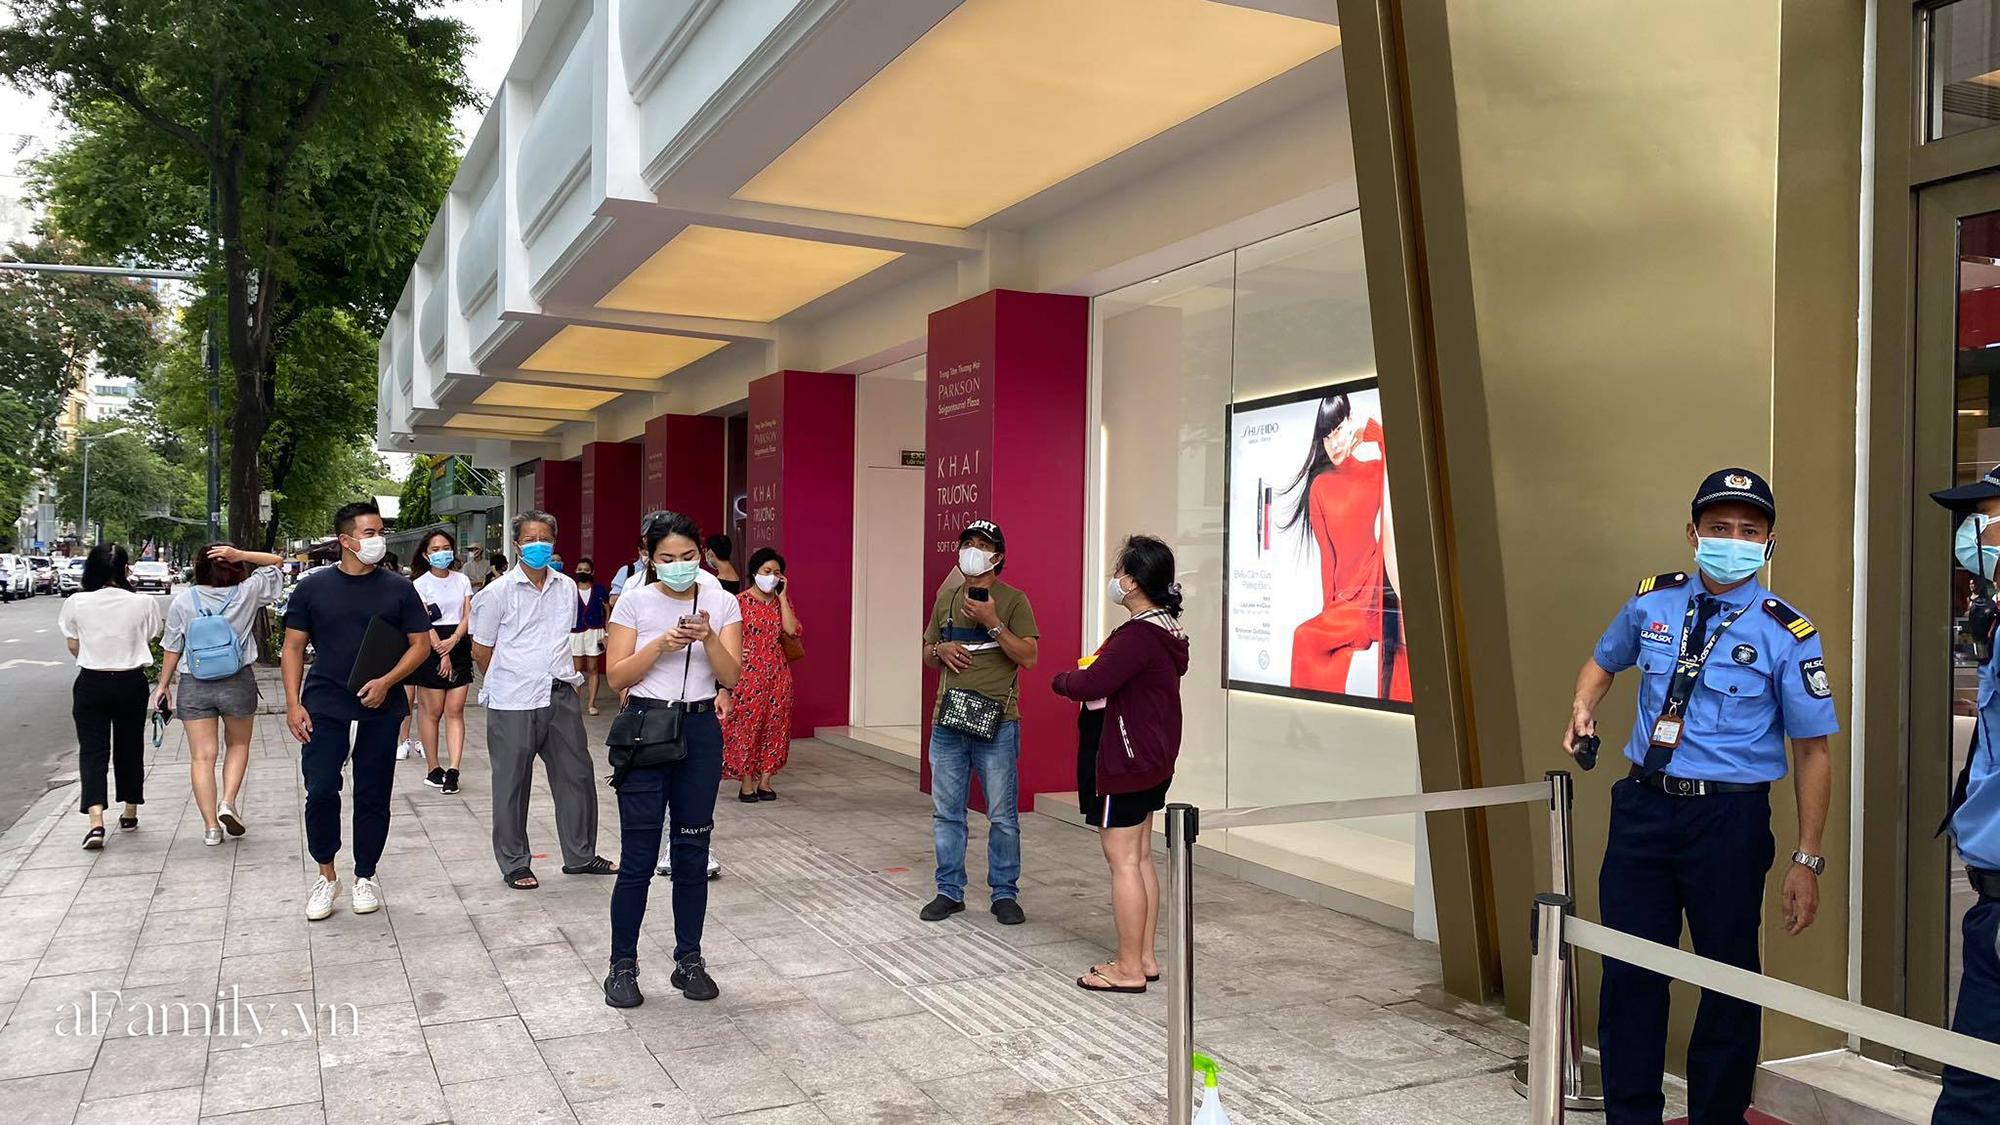 """Ngày đón khách đầu tiên của MUJI tại Sài Gòn, không truyền thông rầm rộ nhưng dòng người xếp hàng dài cách nhau 2m vẫn nối đuôi như """"vô tận""""  - Ảnh 1."""